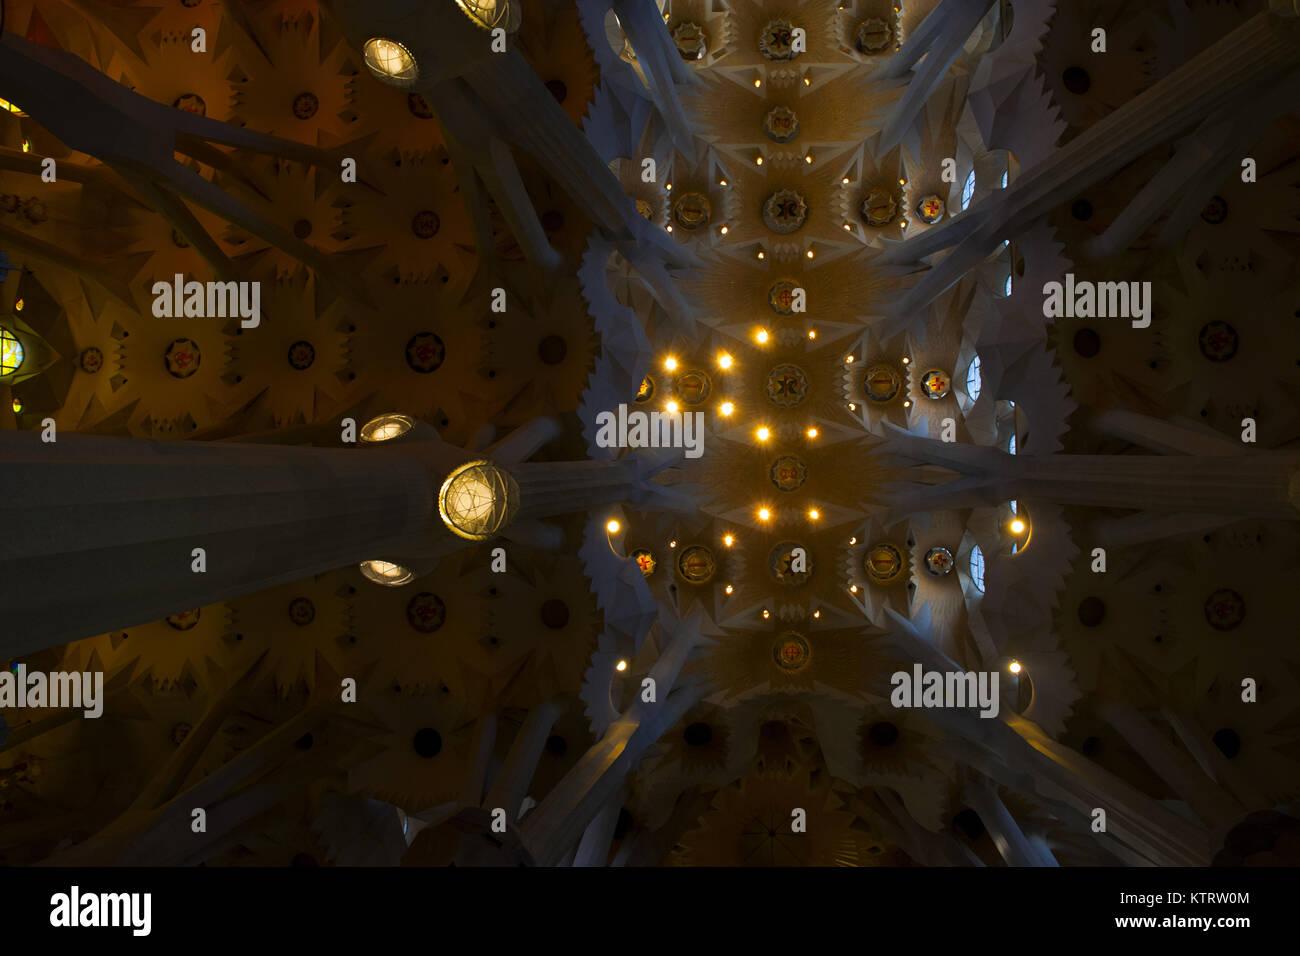 Impressing ceiling of Sagrada Familia - Stock Image